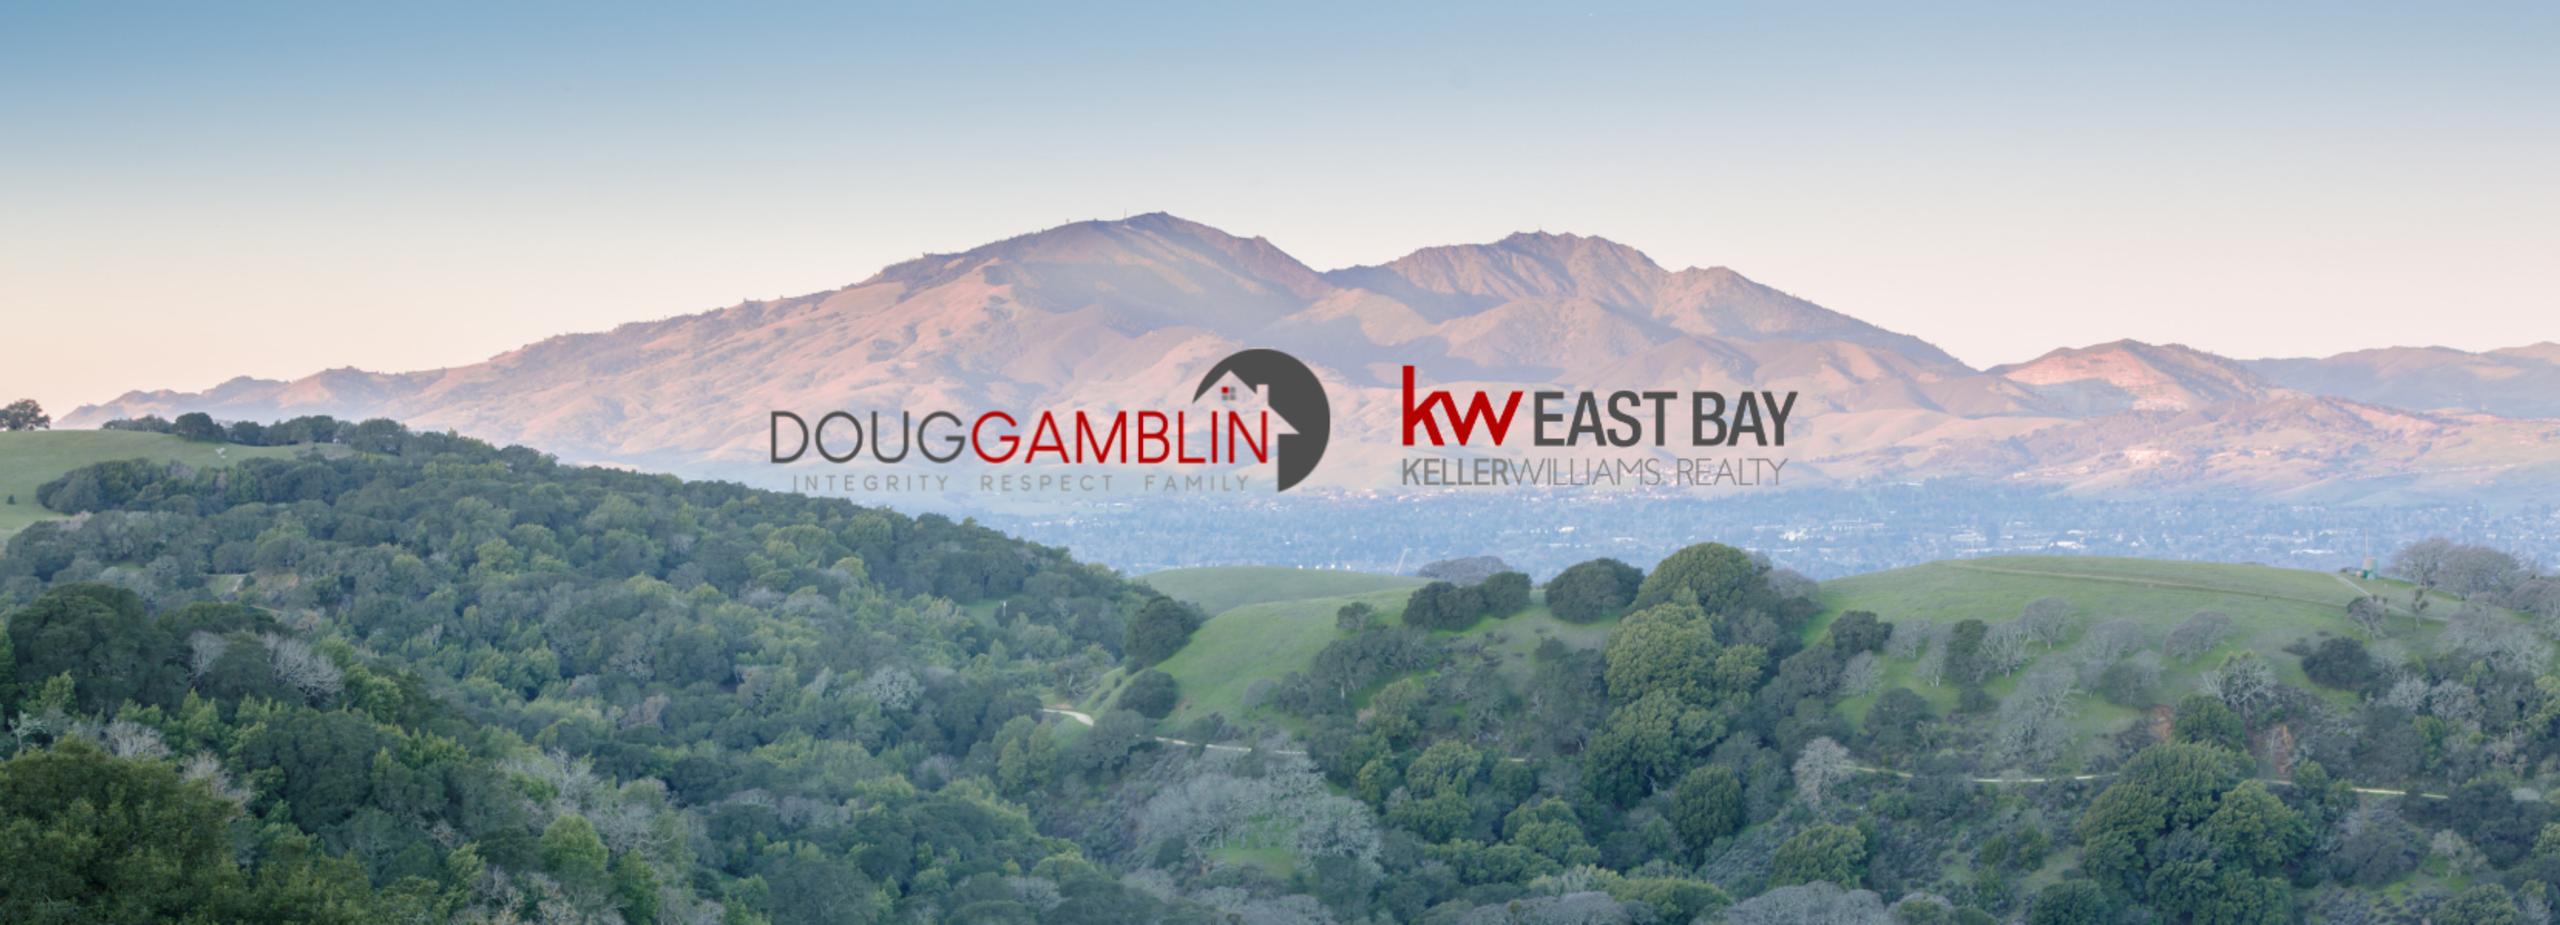 East Bay Communities